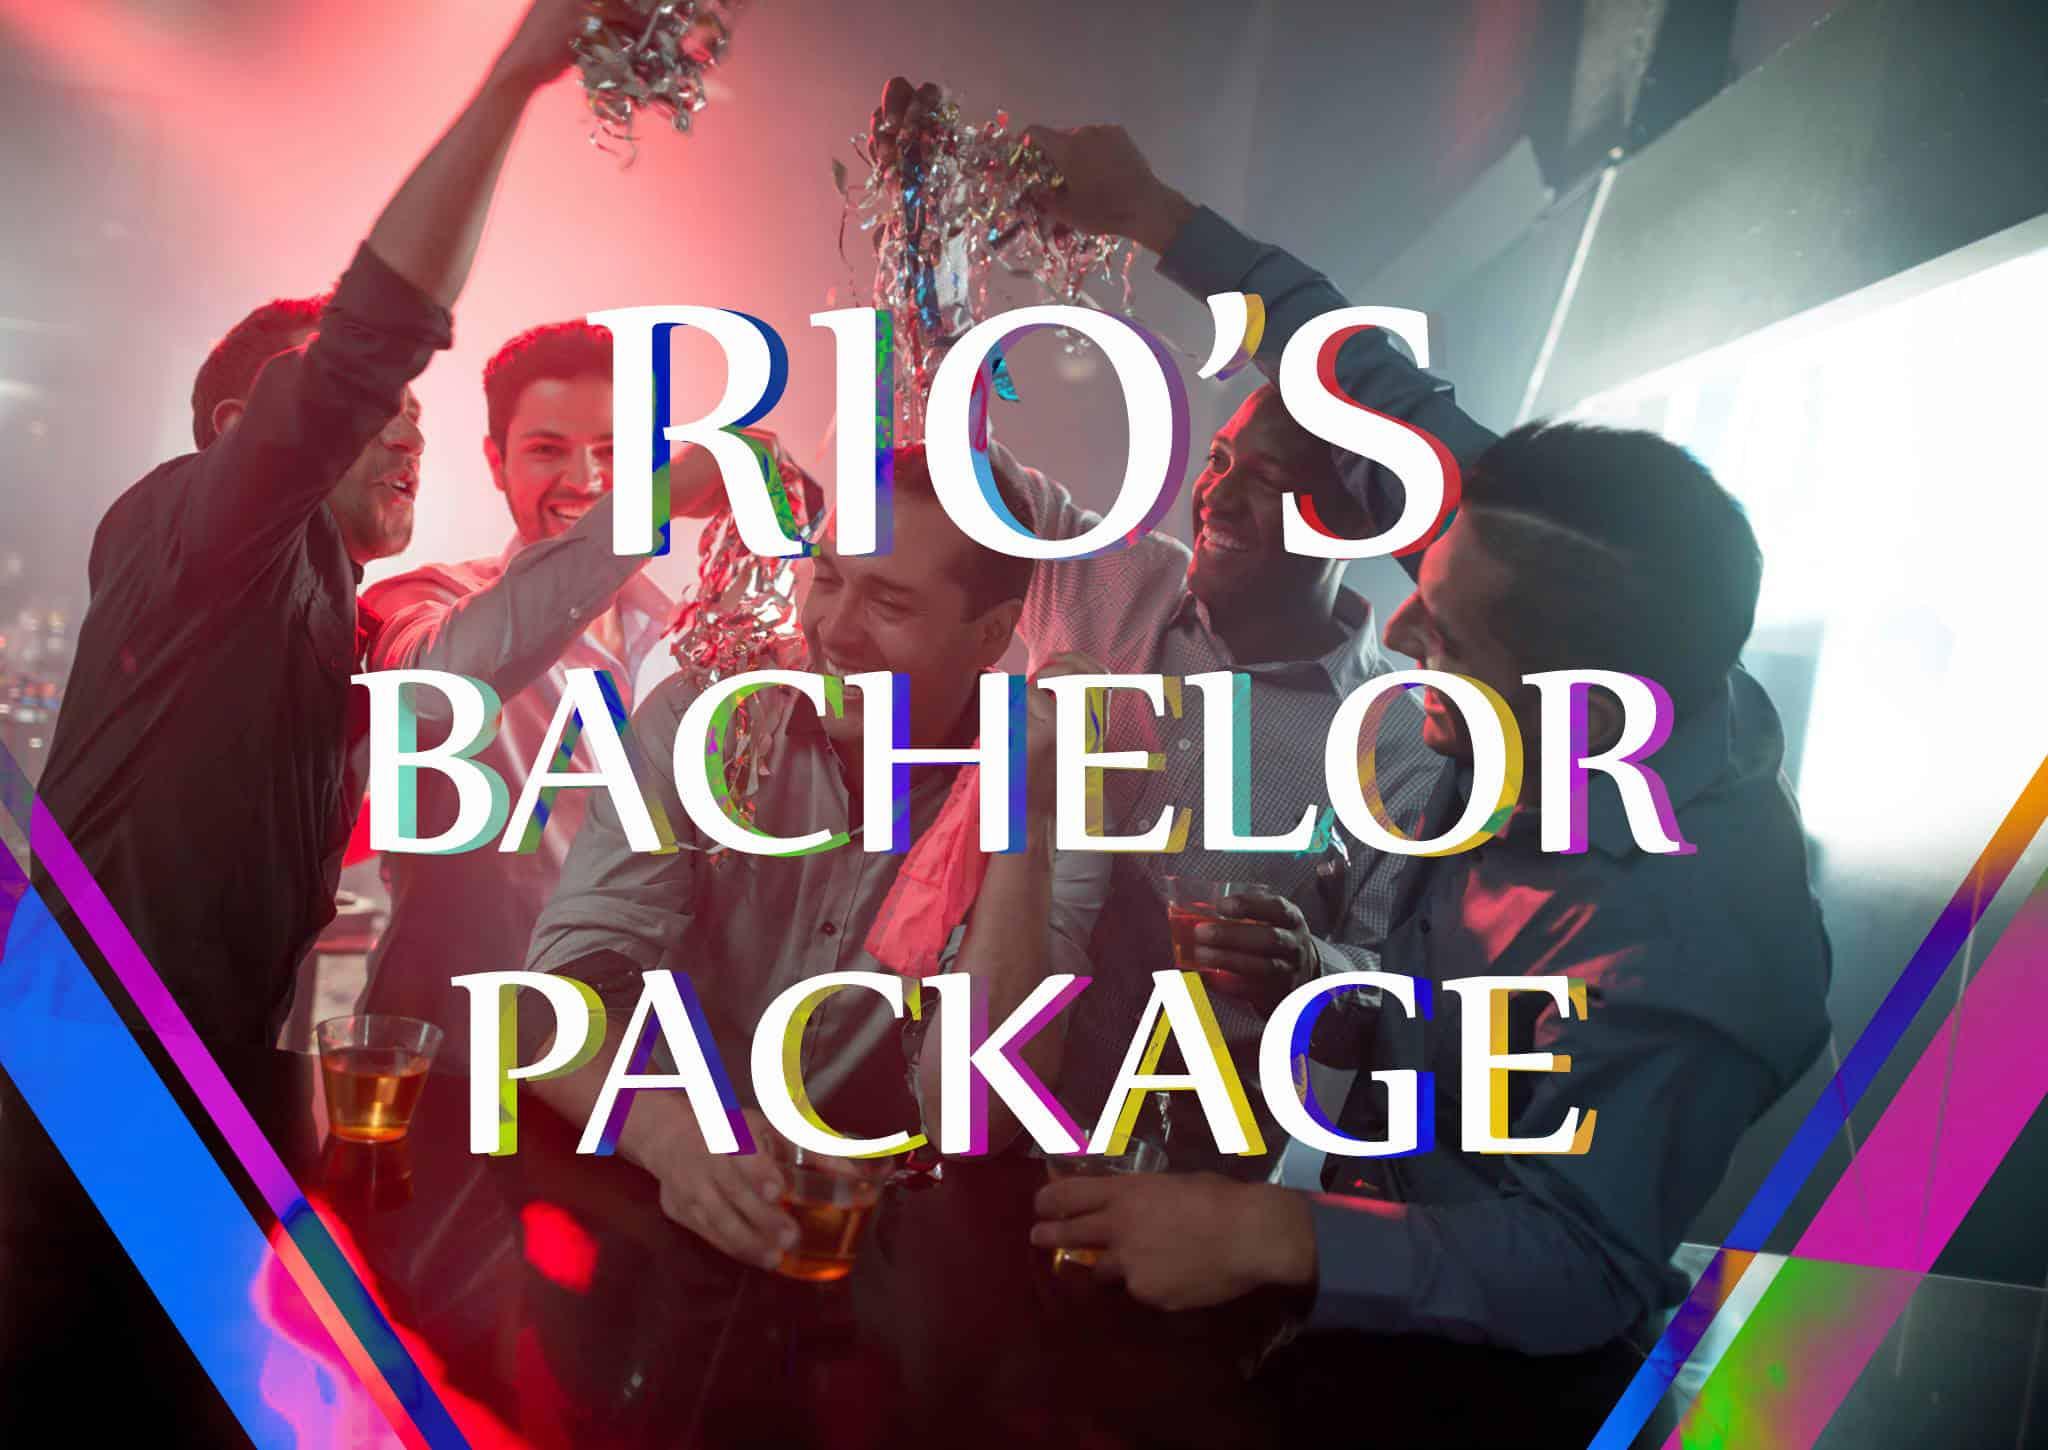 Bachelor / Bachelorette Package